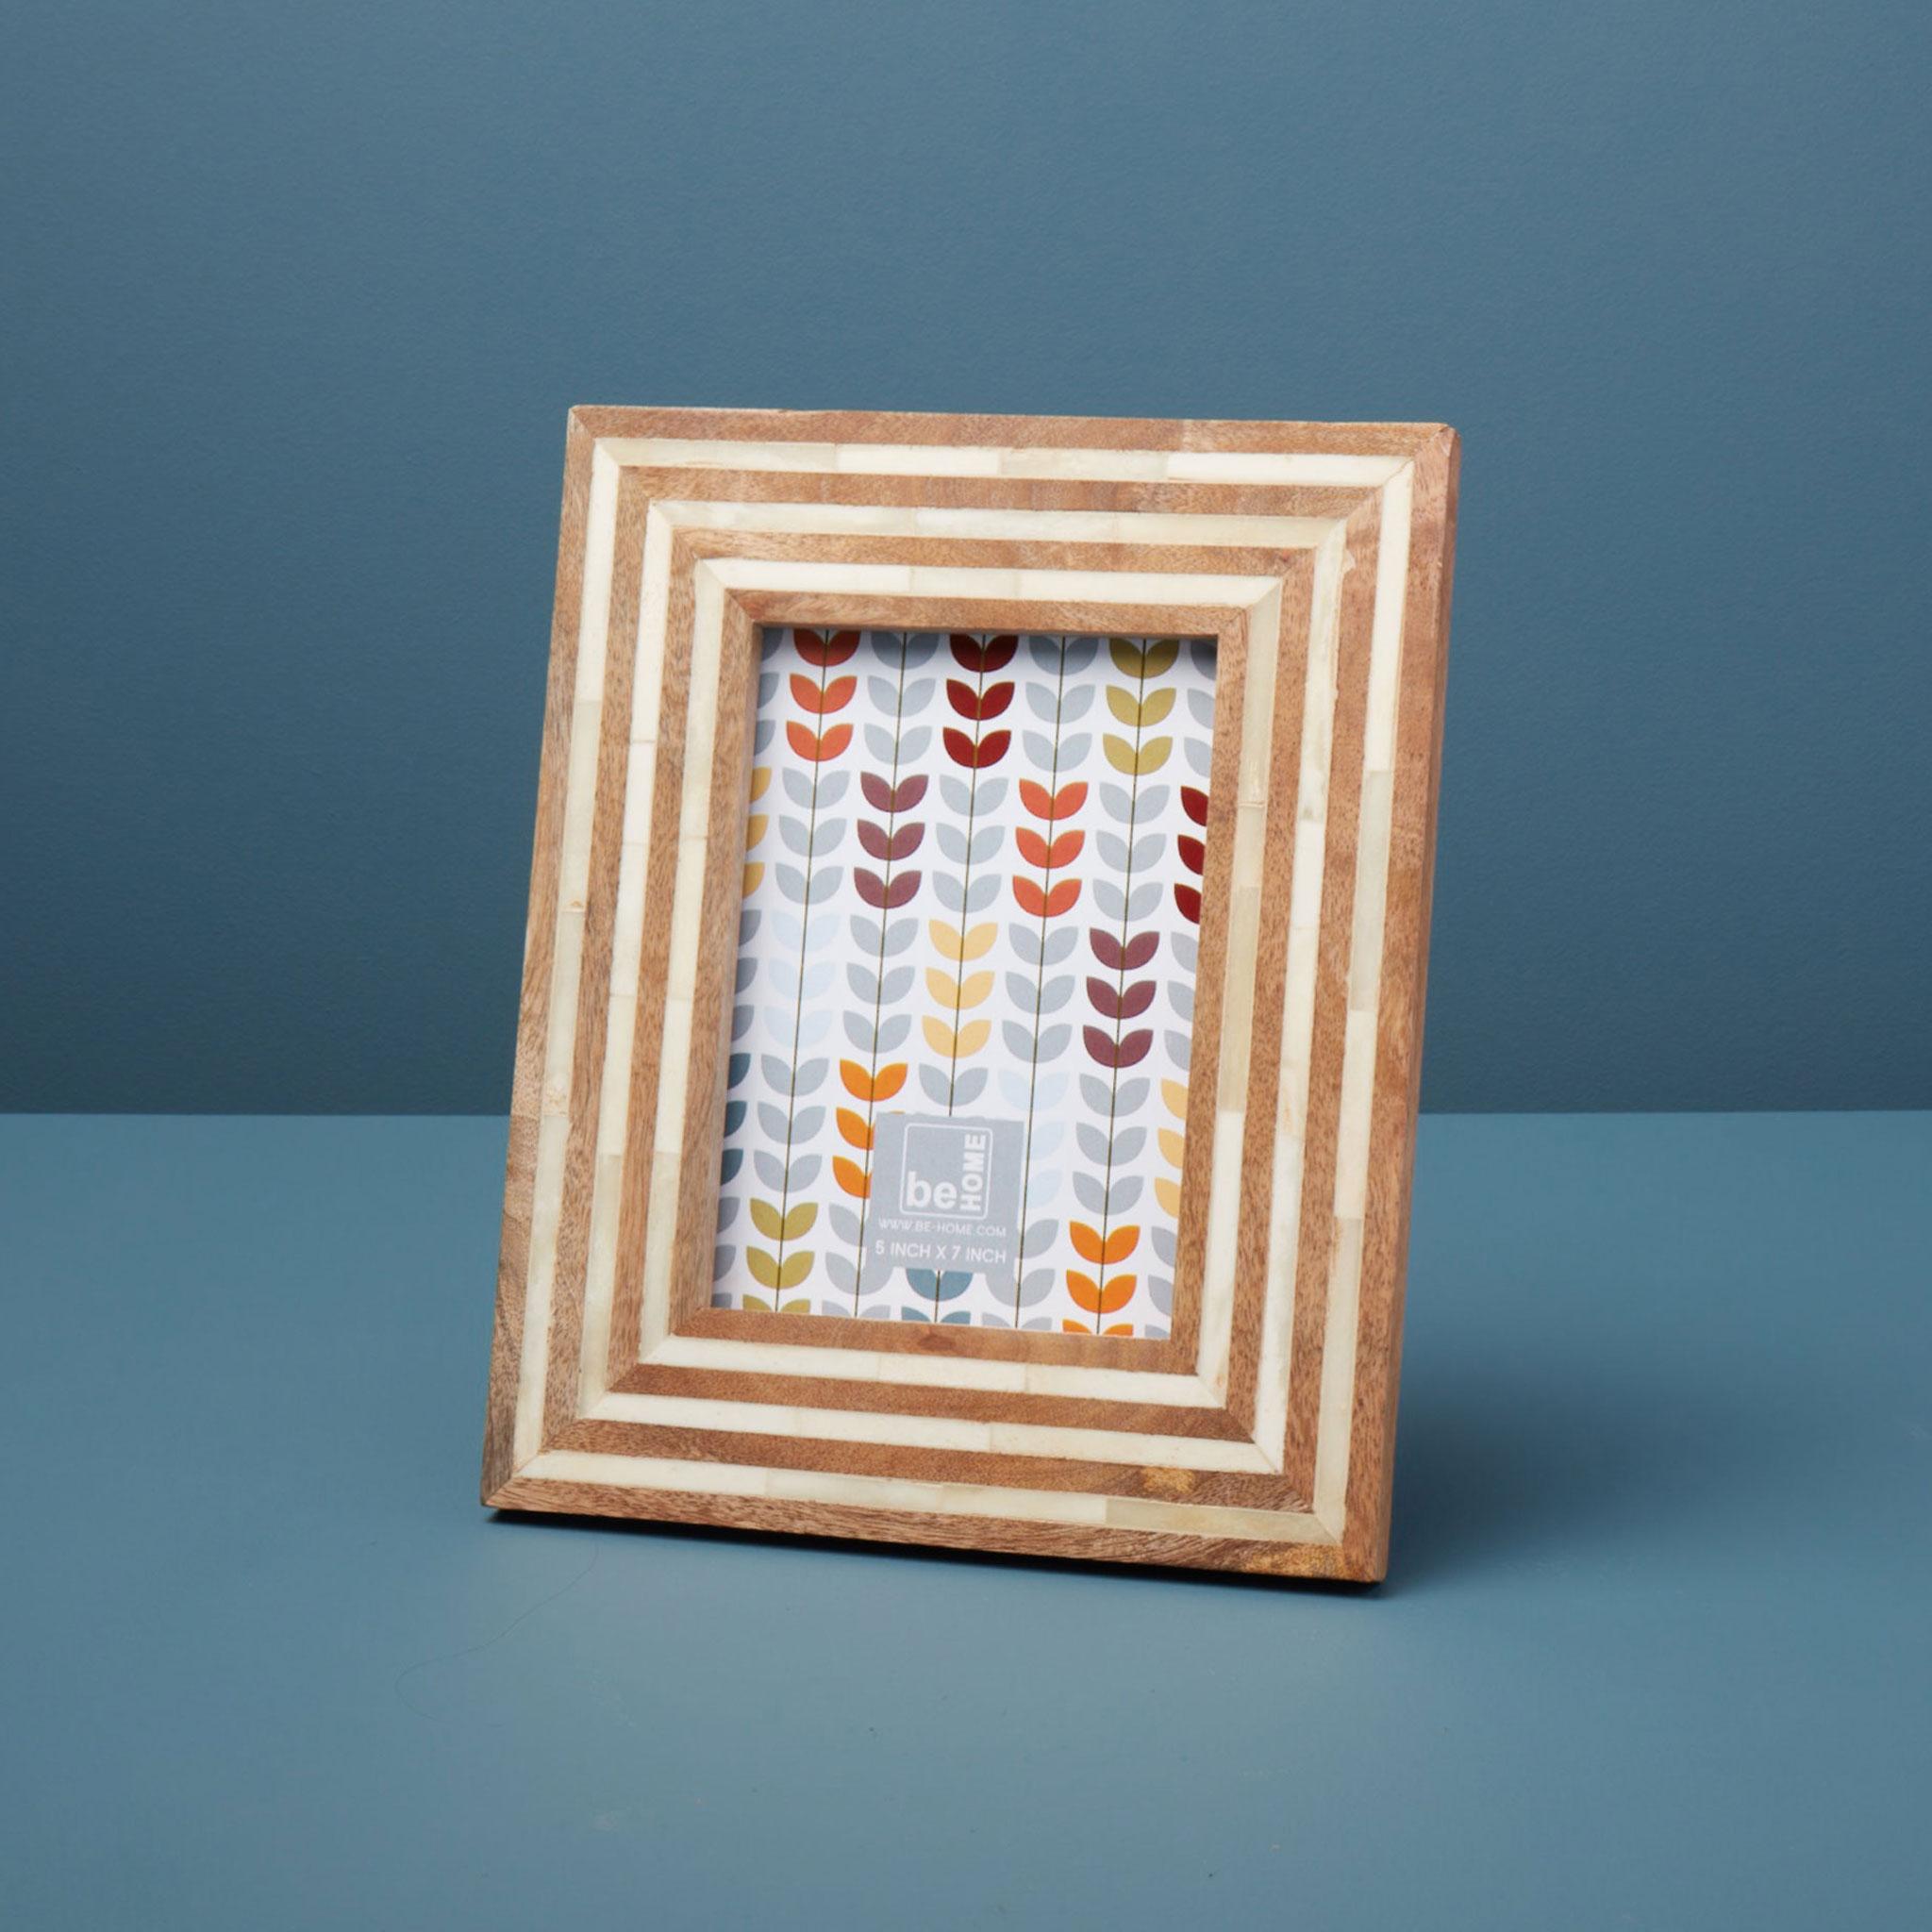 Be-Home_Mango-Wood-and-Bone-Striped-Frame-5x7_87-51